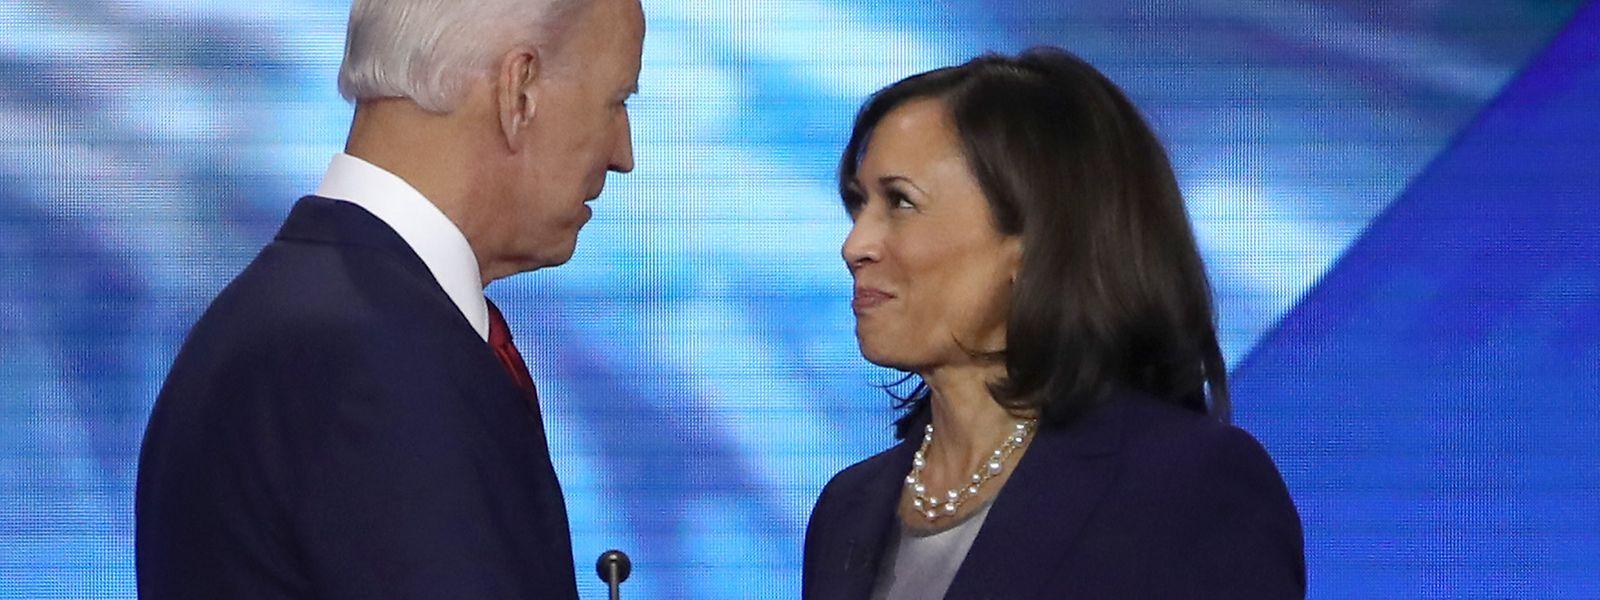 Biden hat sich gegen die Nationale Sicherheitsberaterin der Regierung von Barack Obama, Susan Rice entschieden. Die Aufnahme zeigt ihn mit Harris im Jahr 2019.